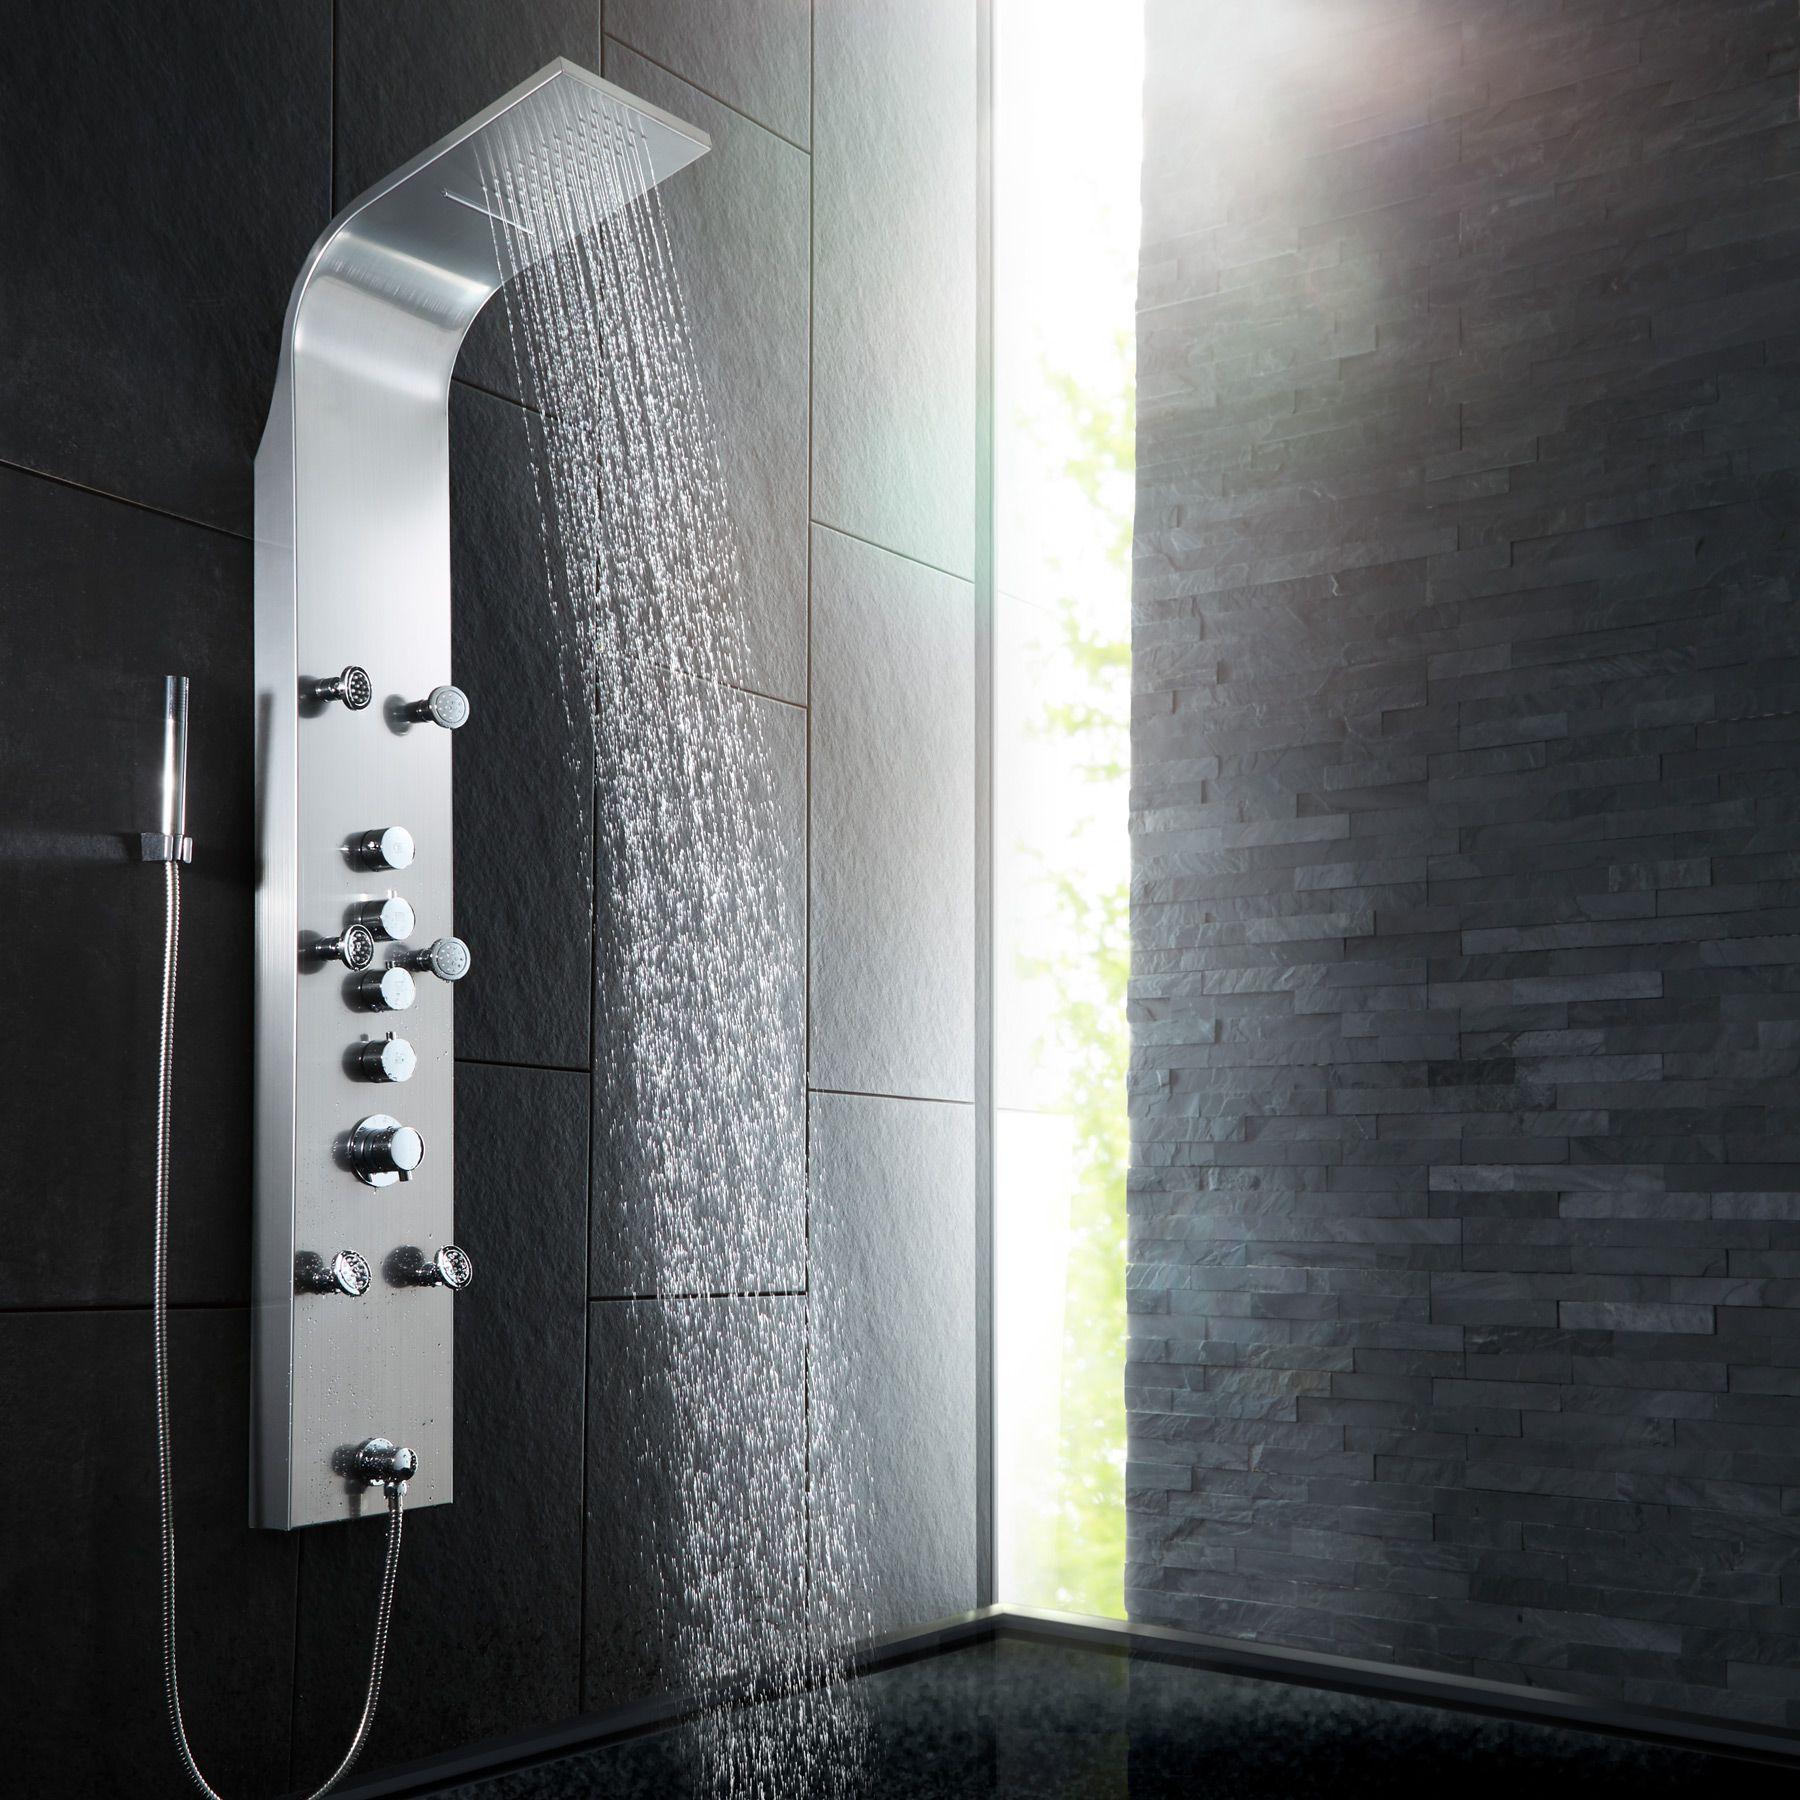 colonne de douche effet massage salle de bain pluie robinet chute d 39 eau set kit ebay. Black Bedroom Furniture Sets. Home Design Ideas